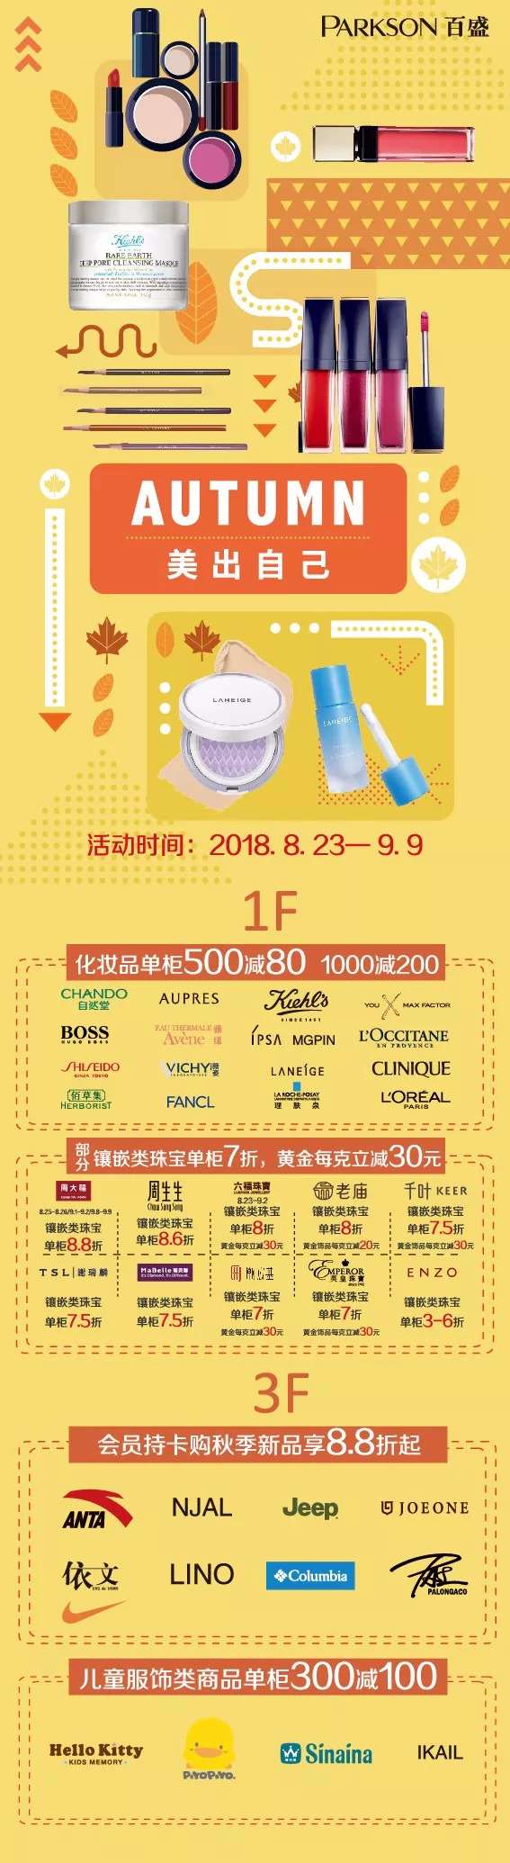 莘庄百盛秋季化妆品节 满1000减200 新品8.8折